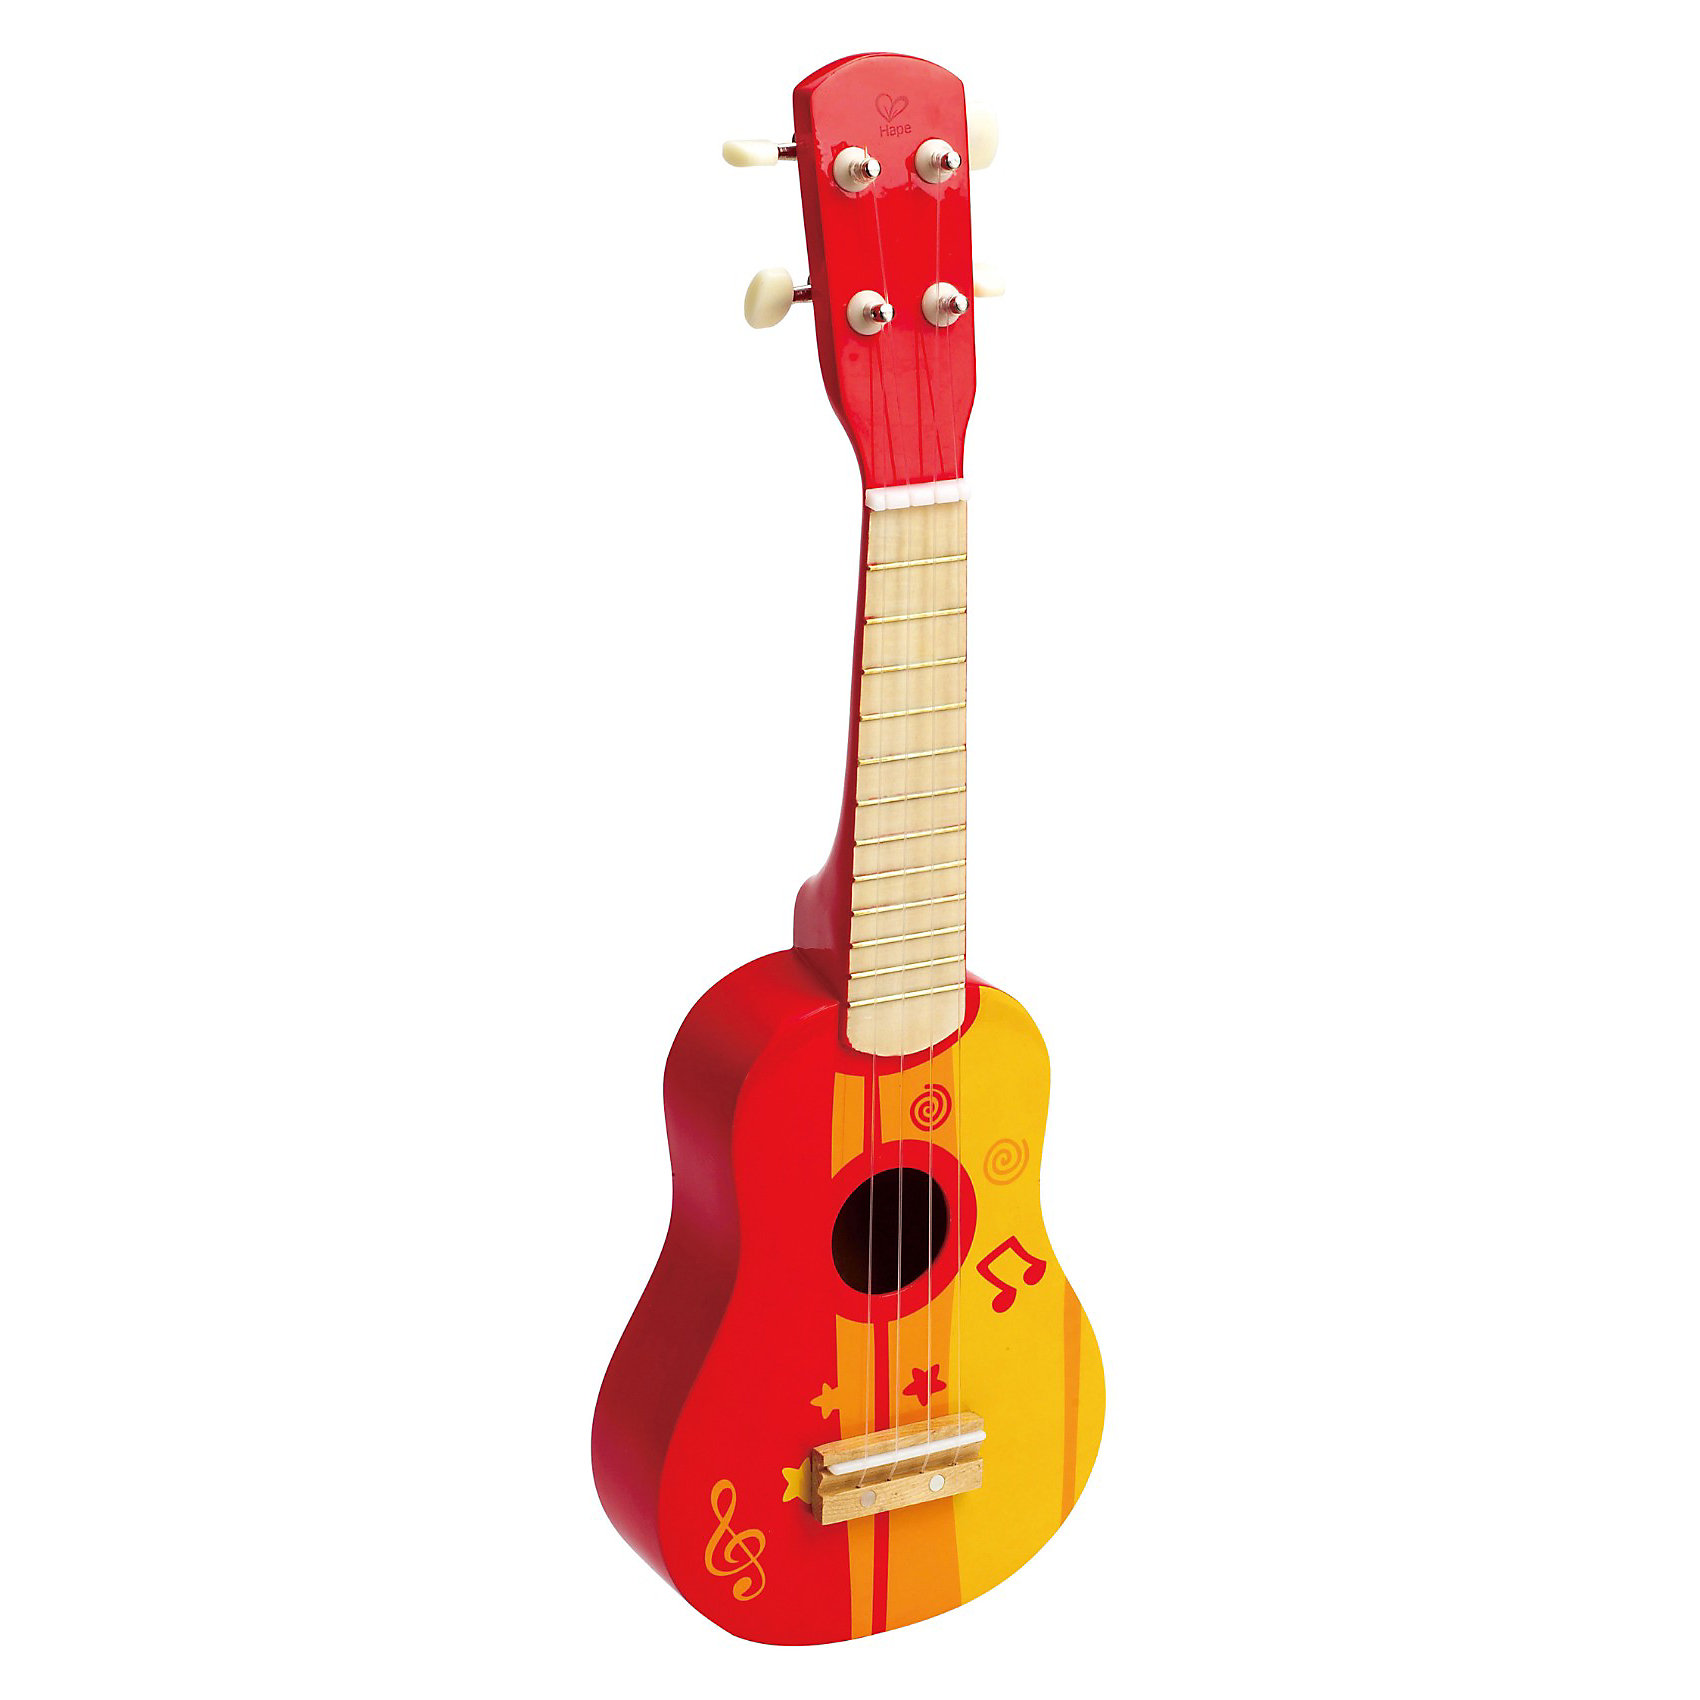 Гитара краснаяДеревянные музыкальные игрушки<br>Гитара красная, Hape (Хапе) идеальный подарок  для подросших юных музыкантов. Перебирая струны, малыш не только знакомится с миром музыки, но и тренирует ловкость пальчиков и мелкую моторику. Вашему ребенку обязательно понравится красивый инструмент яркой окраски, и возможно позже он захочет освоить настоящую гитару!<br>Игрушка развивает музыкальный слух, звучание инструмента натуральное, дарит положительные эмоции. Игрушка изготовлена из ценных, редких видов деревьев. Для окраски применяются стойкие краски, не содержащие фенол.<br><br>Дополнительная информация:<br><br>- Первый музыкальный инструмент малыша;<br>- У гитары 4 струны;<br>- Материал: дерево, металл;<br>- Малыш сможет создавать свои собственные музыкальные партии;<br>- Развивает мелкую моторику, координации глаз и рук, музыкальные навыки;<br>- Игрушка понравится как девочкам, так и мальчикам;<br>- Цвет: Красный;<br>- Размер упаковки: 21 х 15 х 17,5 см;<br>- Вес: 0,36 кг.<br><br>Гитару красную, Hape (Хапе)  можно купить в нашем интернет-магазине.<br><br>Ширина мм: 210<br>Глубина мм: 100<br>Высота мм: 175<br>Вес г: 360<br>Возраст от месяцев: 36<br>Возраст до месяцев: 60<br>Пол: Унисекс<br>Возраст: Детский<br>SKU: 3534103